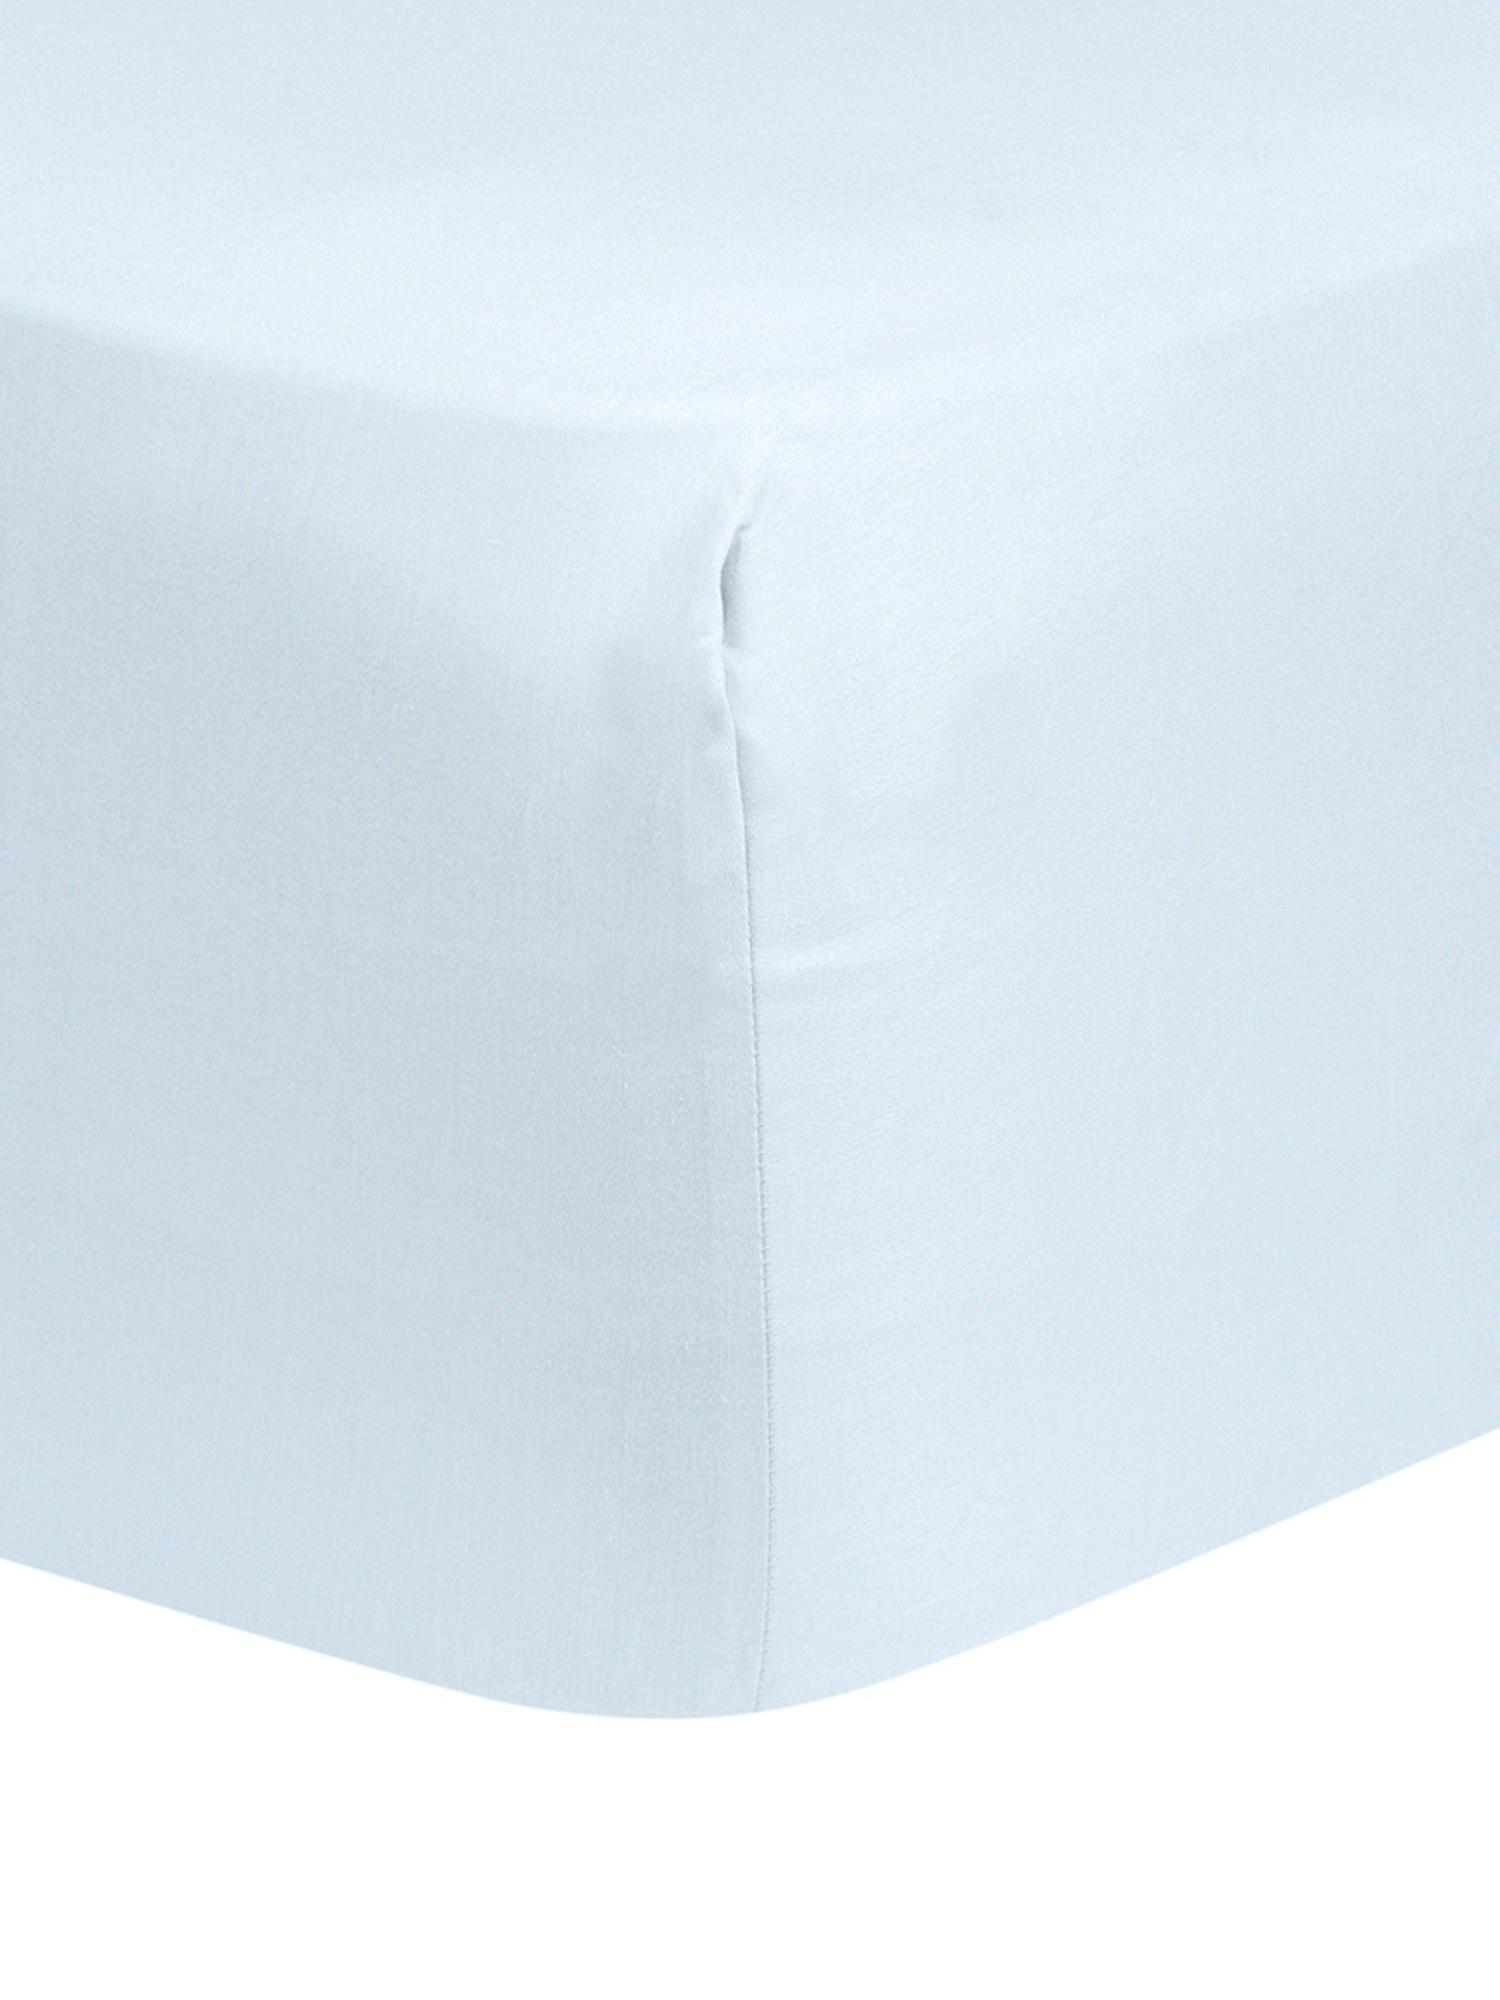 Spannbettlaken Comfort, Baumwollsatin, Webart: Satin, leicht glänzend, Hellblau, 180 x 200 cm